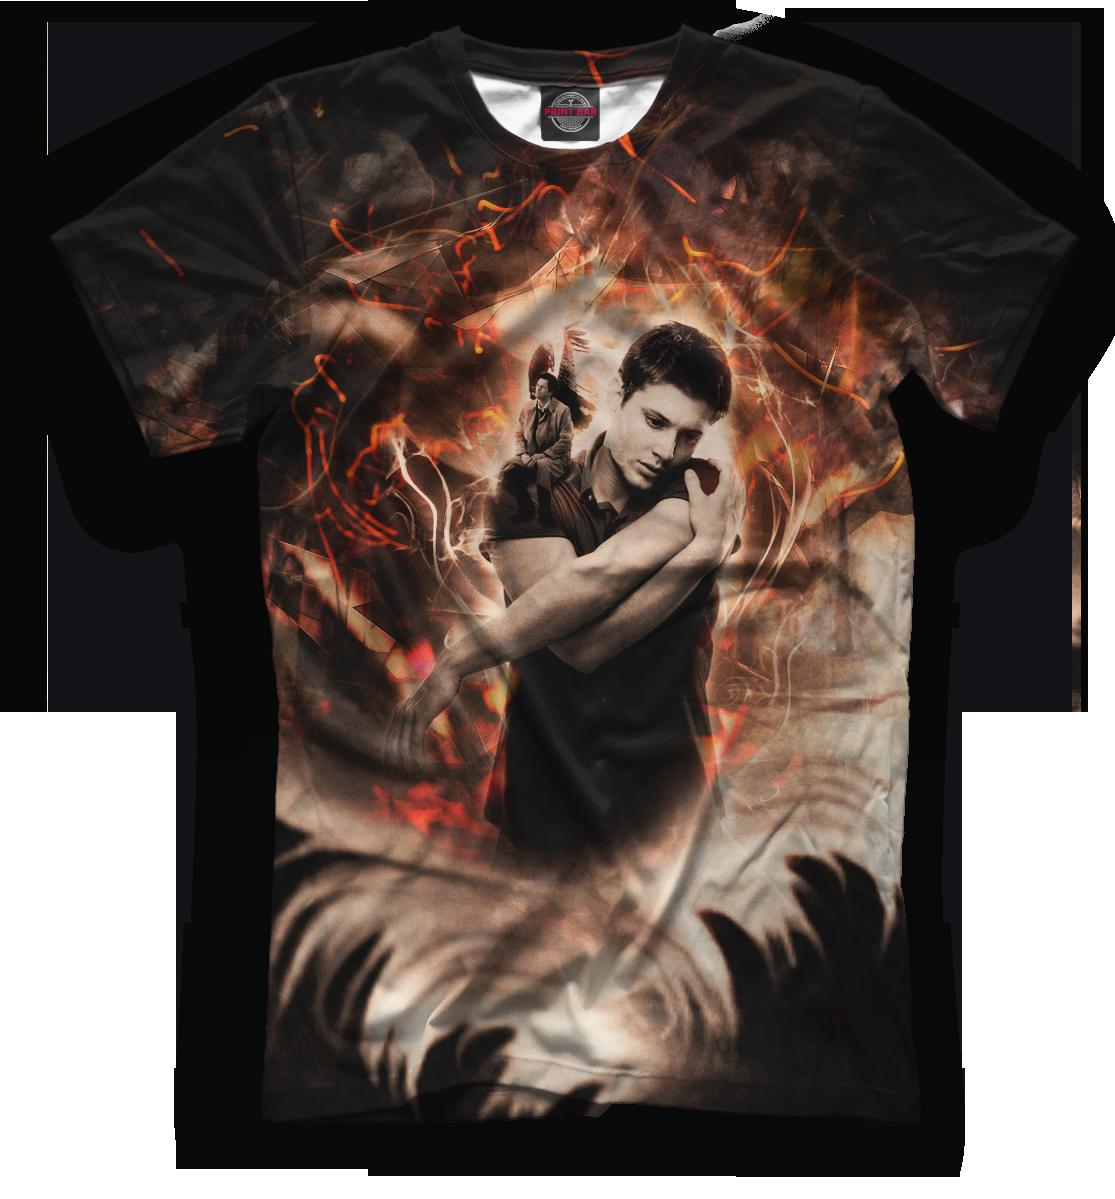 Сверхъестественное картинка для футболки